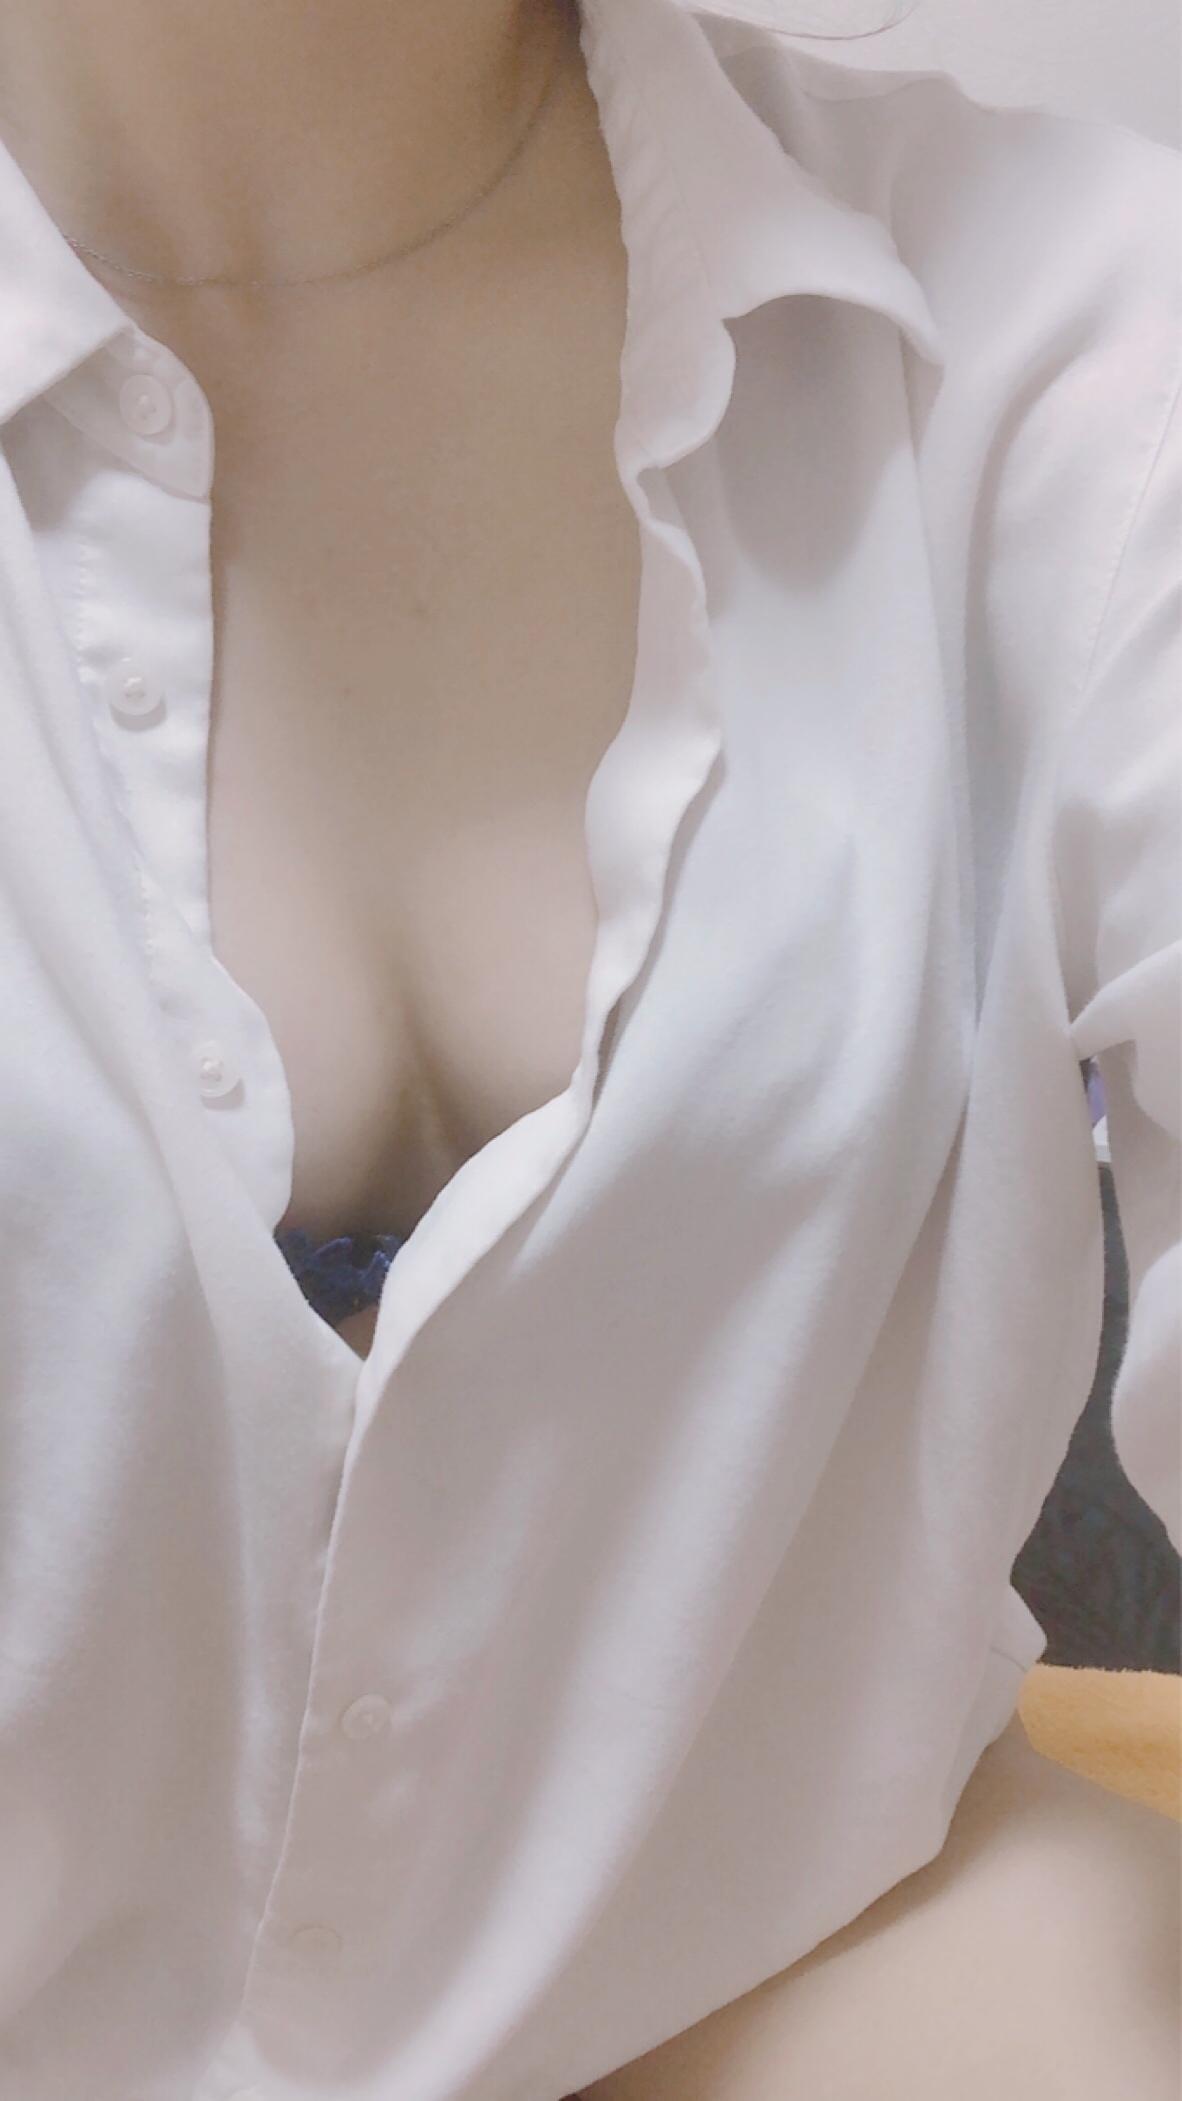 「お礼◡̈⃝︎⋆︎*」06/13(06/13) 02:51   あんちゃんの写メ・風俗動画